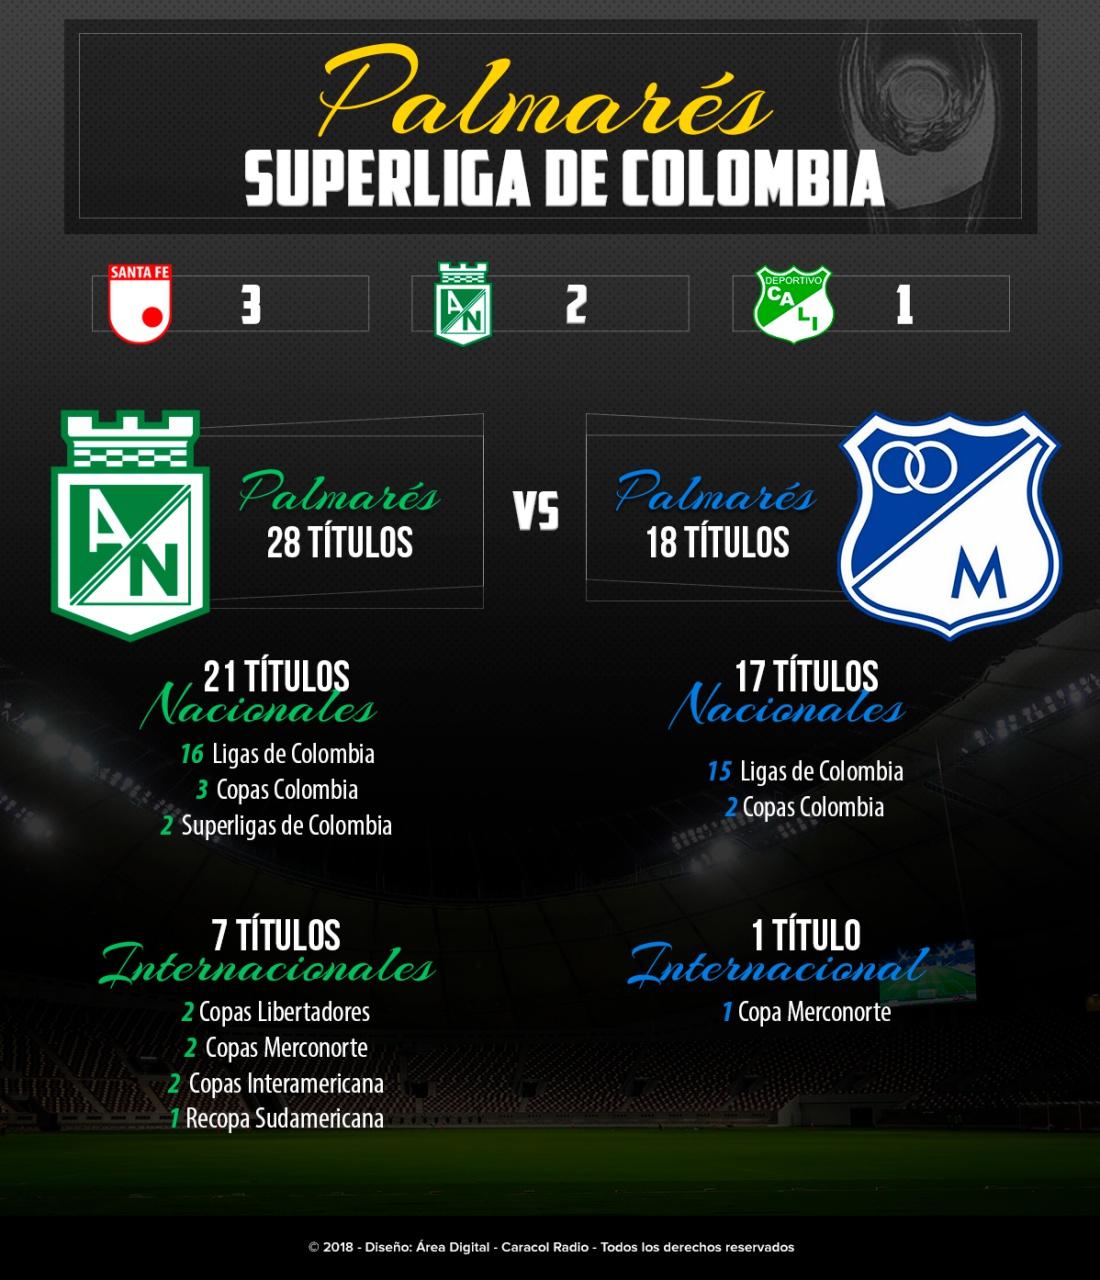 Superliga Millonarios Nacional Palmarés: Nacional y Millonarios, un palmarés cargado de títulos